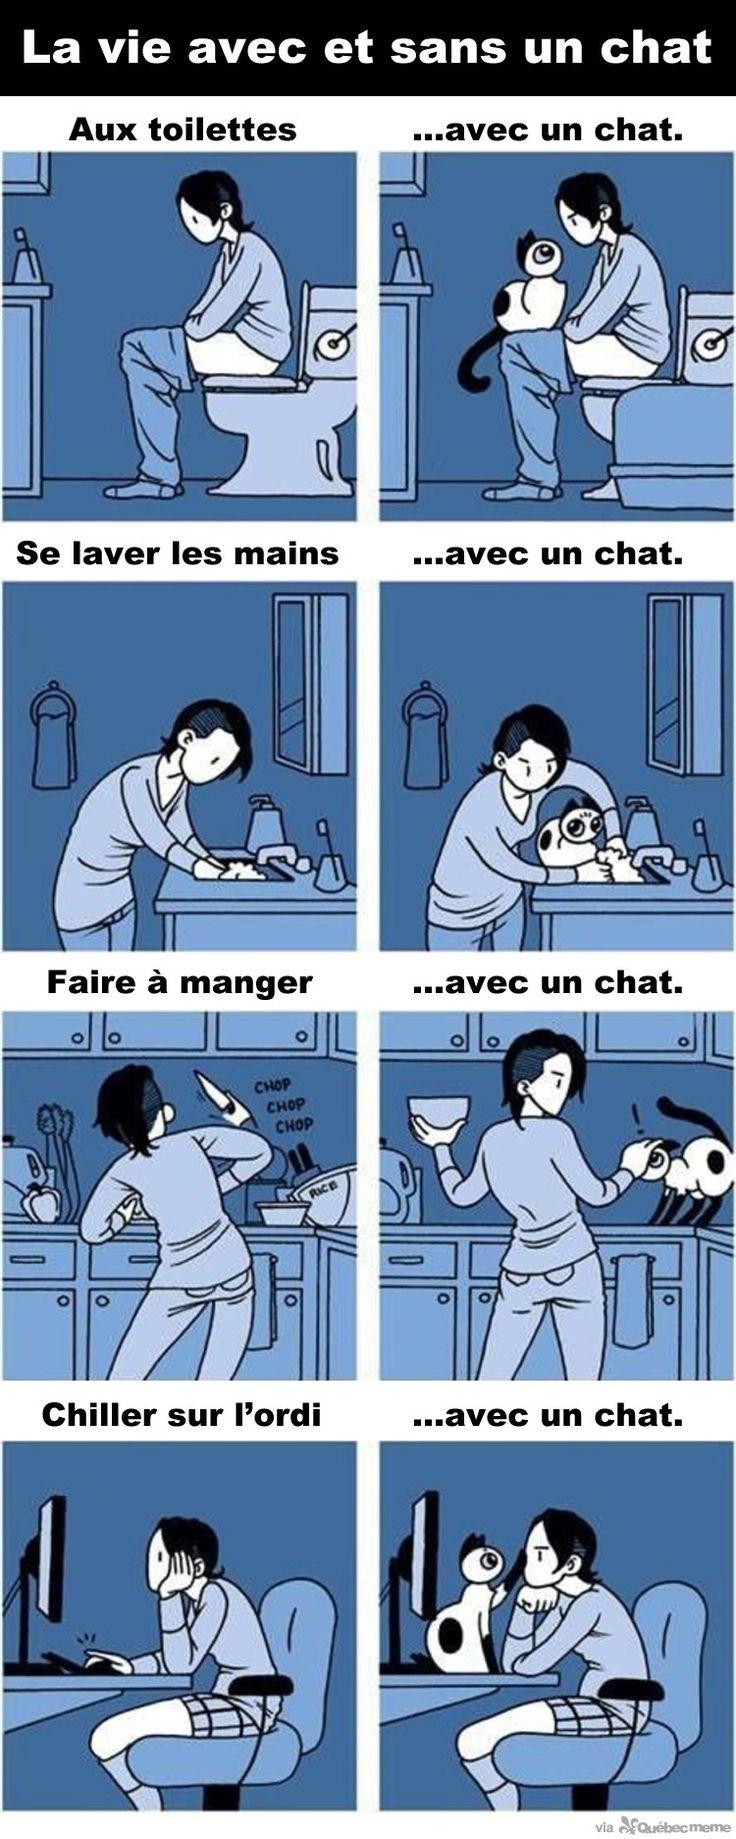 La vie avec un chat – Québec Meme +